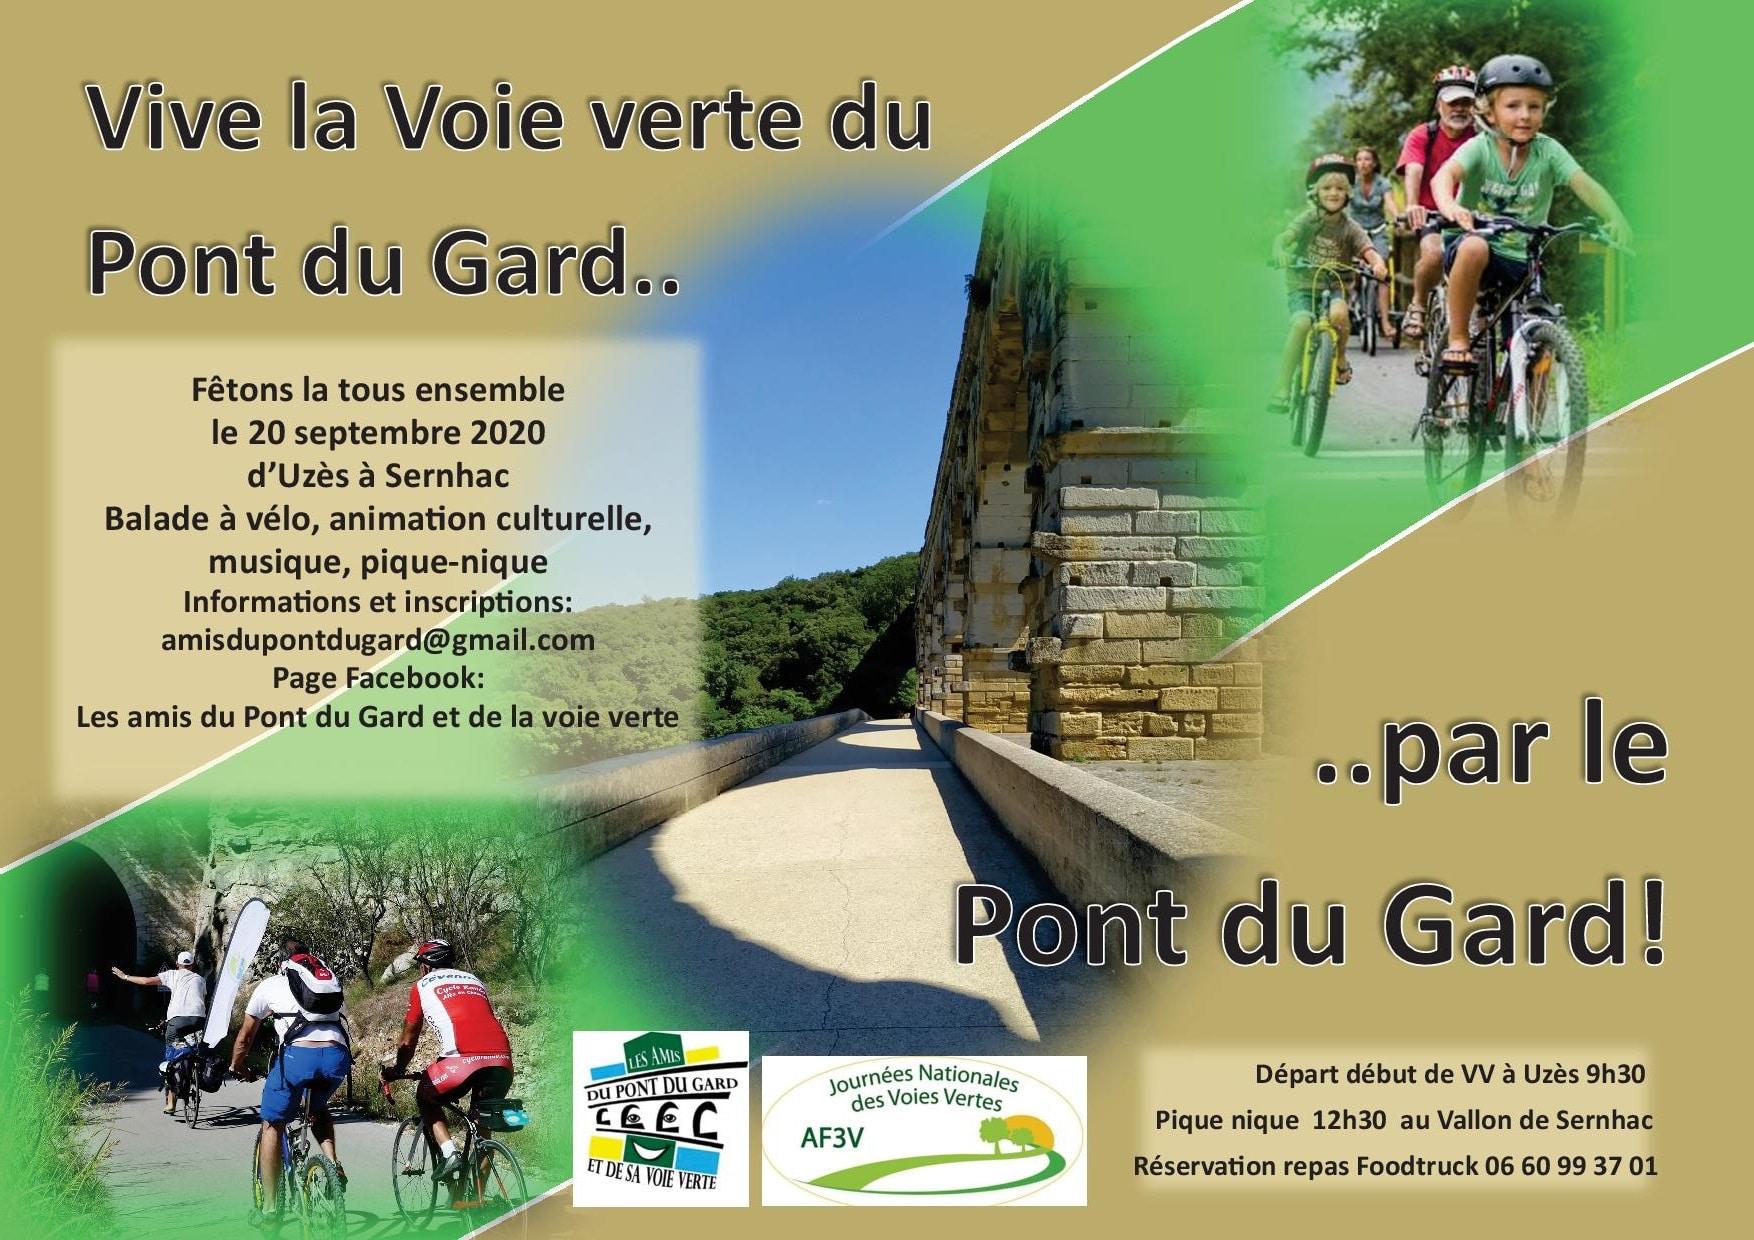 Notre inauguration de la voie verte du Pont du Gard